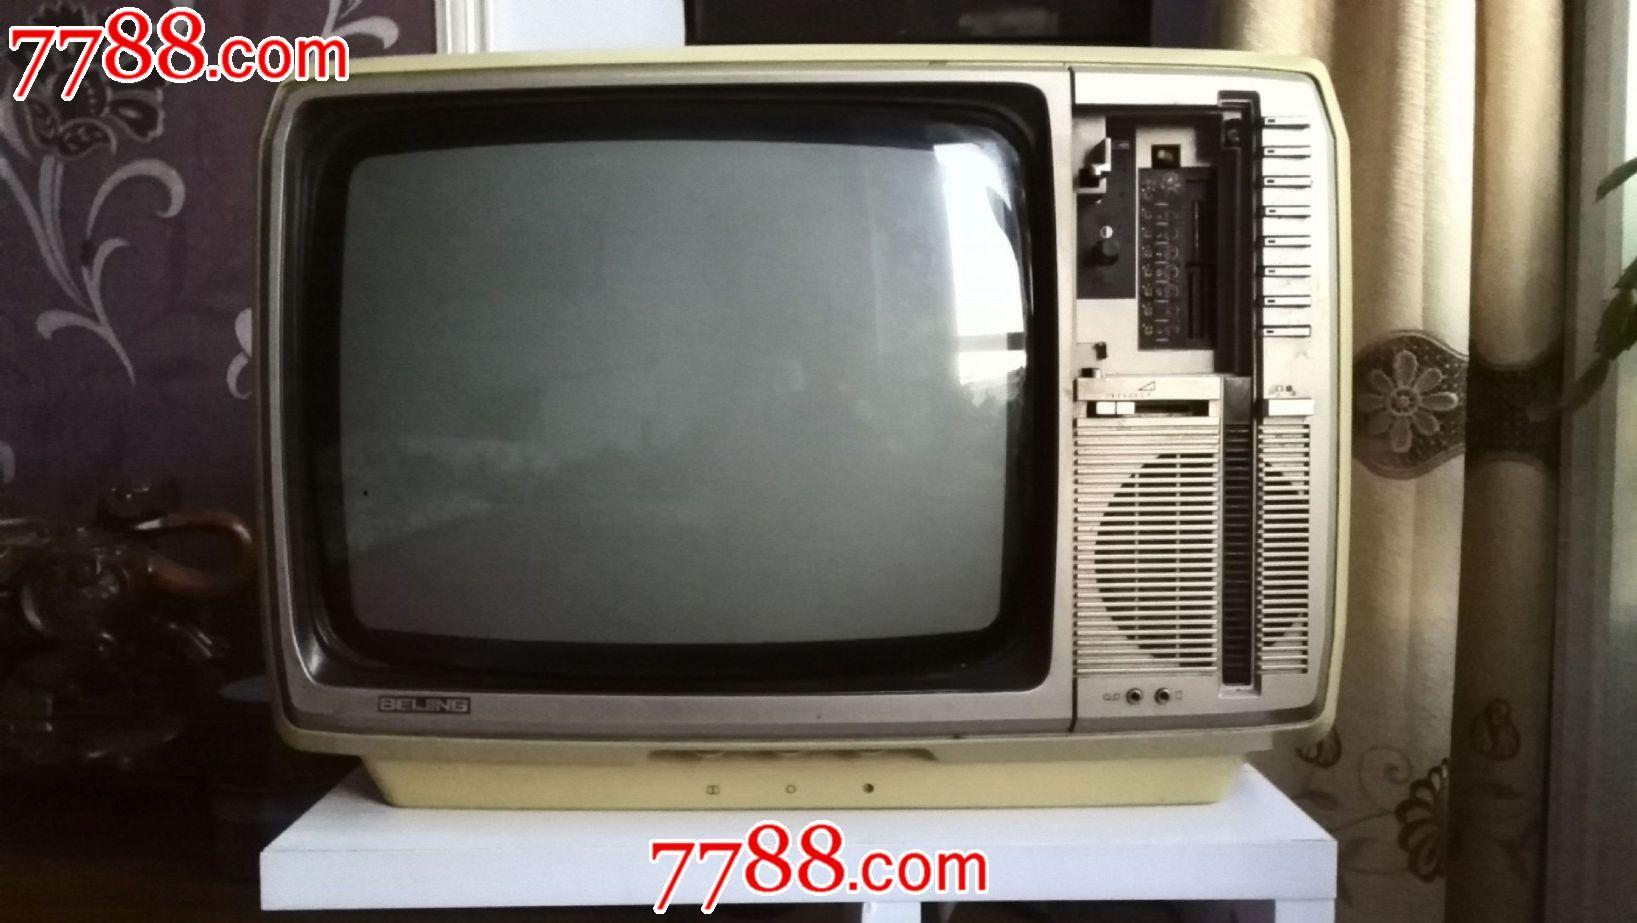 北京牌37cm837-1a型彩色電視機_價格元_第1張_中國收藏熱線